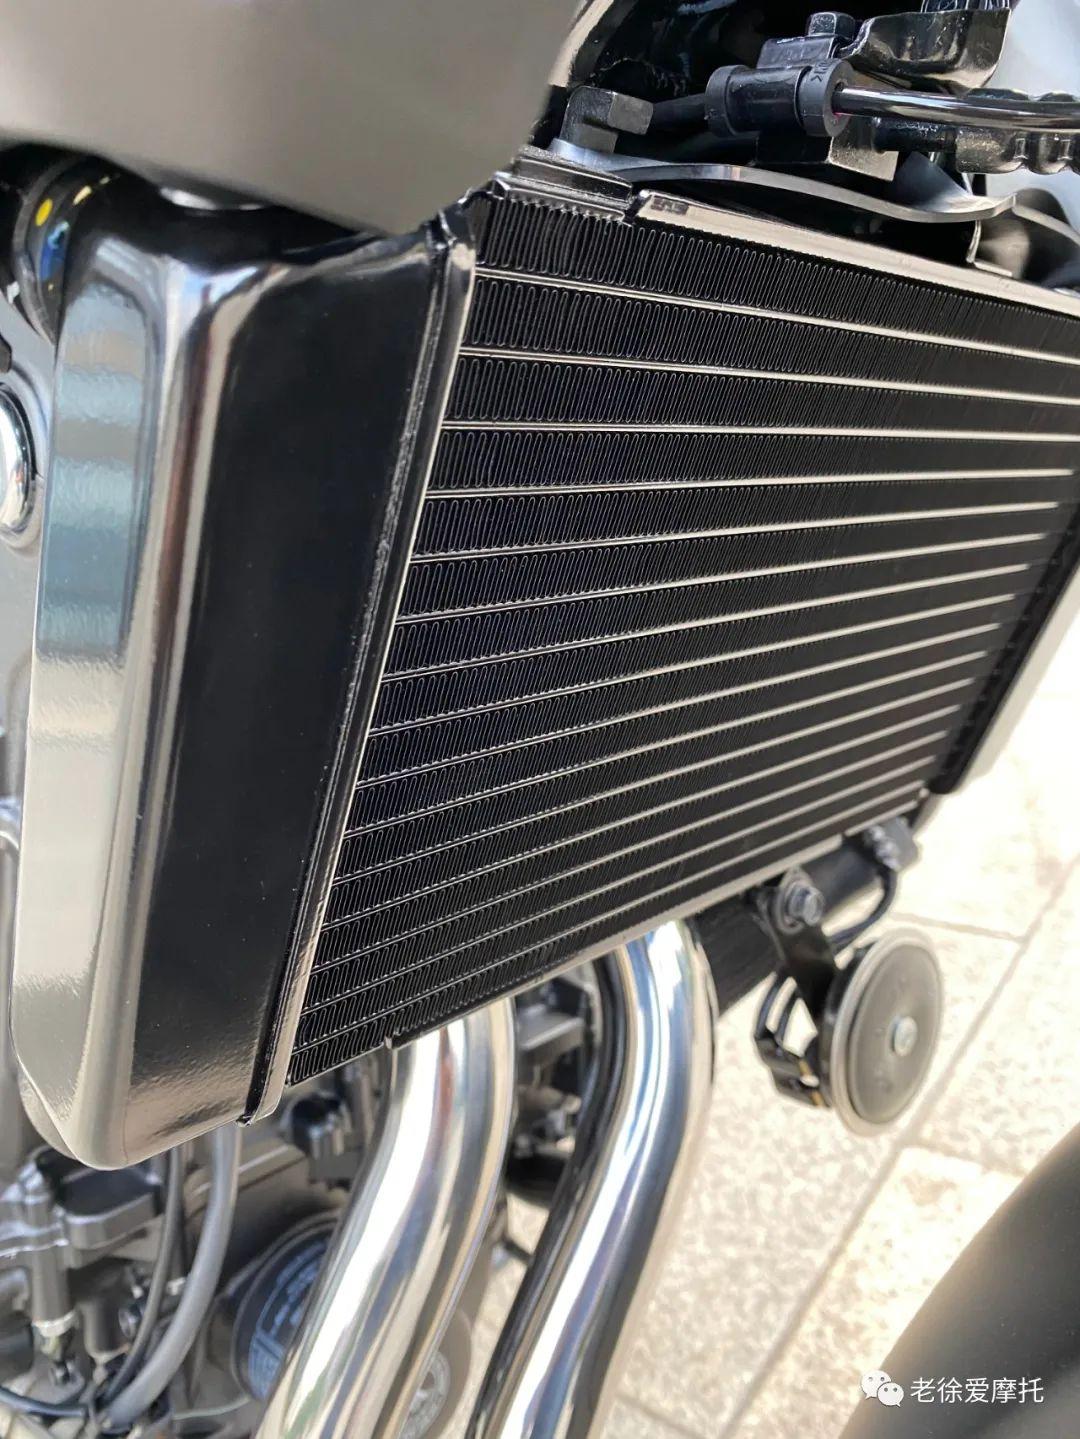 本田中排车型 - CB400F 入门级街车 实车介绍!-第27张图片-春风行摩托车之家